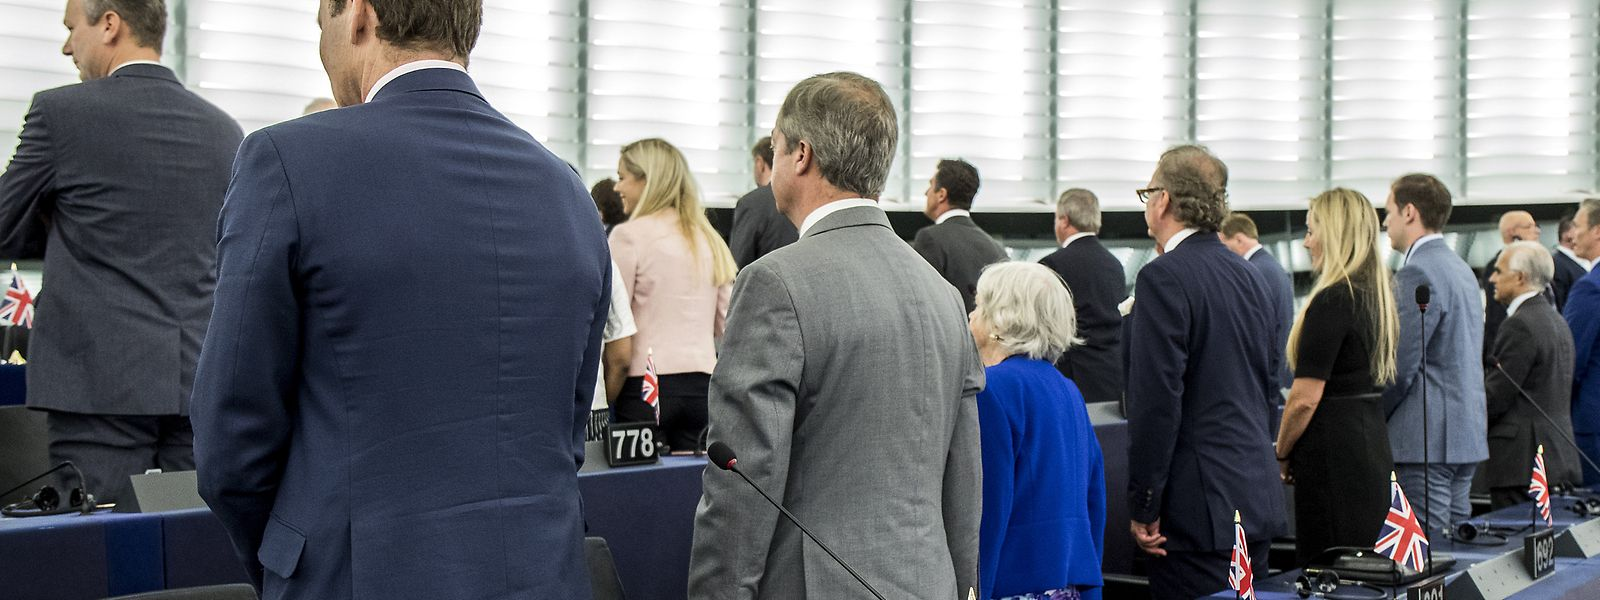 Die Mitglieder im Europäischen Parlament für die Brexit-Partei von Großbritannien kehren dem Parlament den Rücken zu, als die Europahymne bei der ersten Sitzung des neuen Europäischen Parlaments gespielt wird.